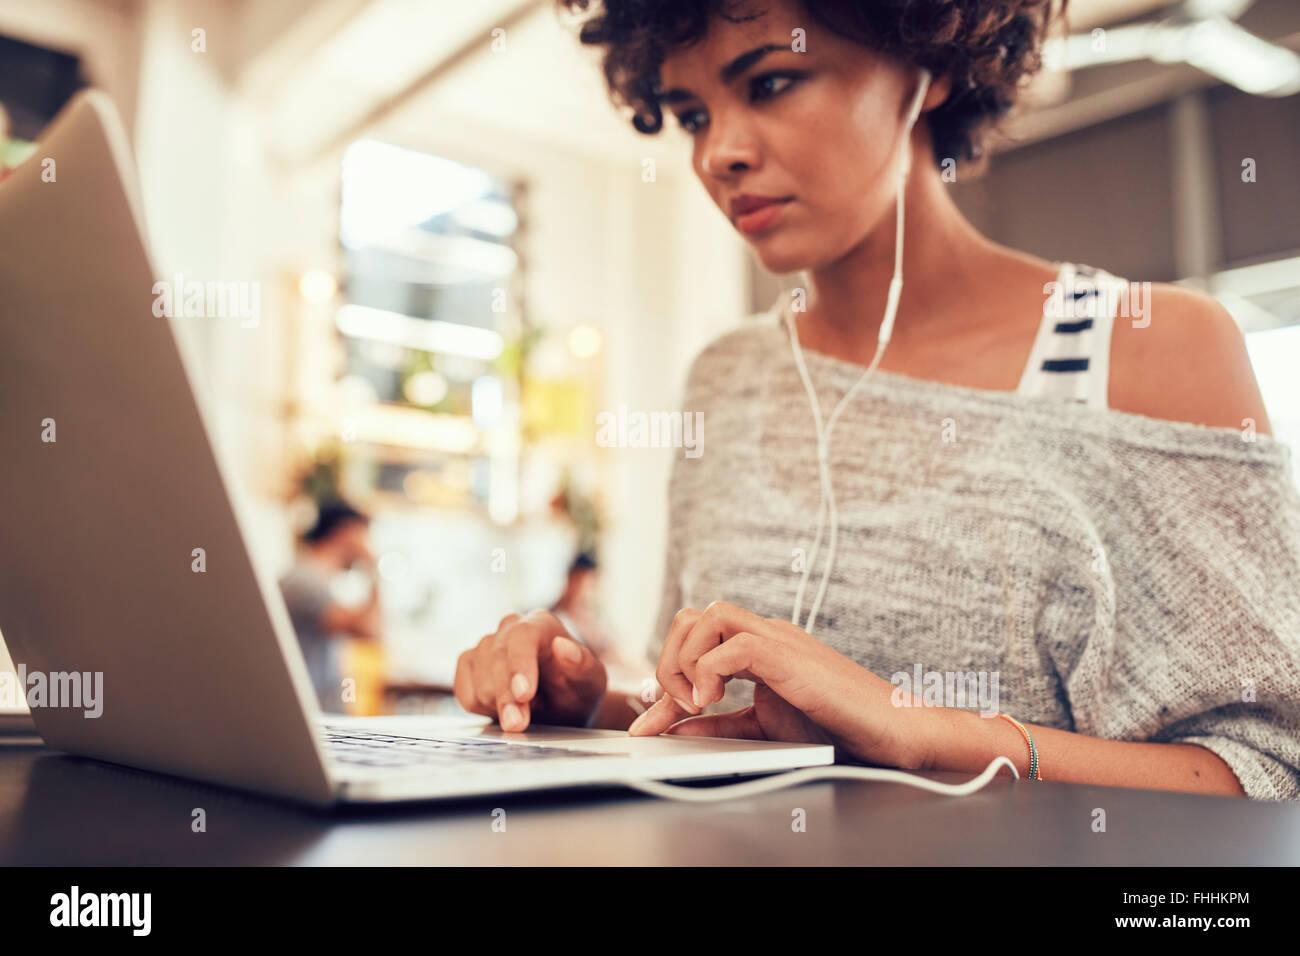 Porträt der jungen Frau, die mit Laptop in einem Café beschäftigt. Afrikanische Frau im Coffee-Shop Stockbild